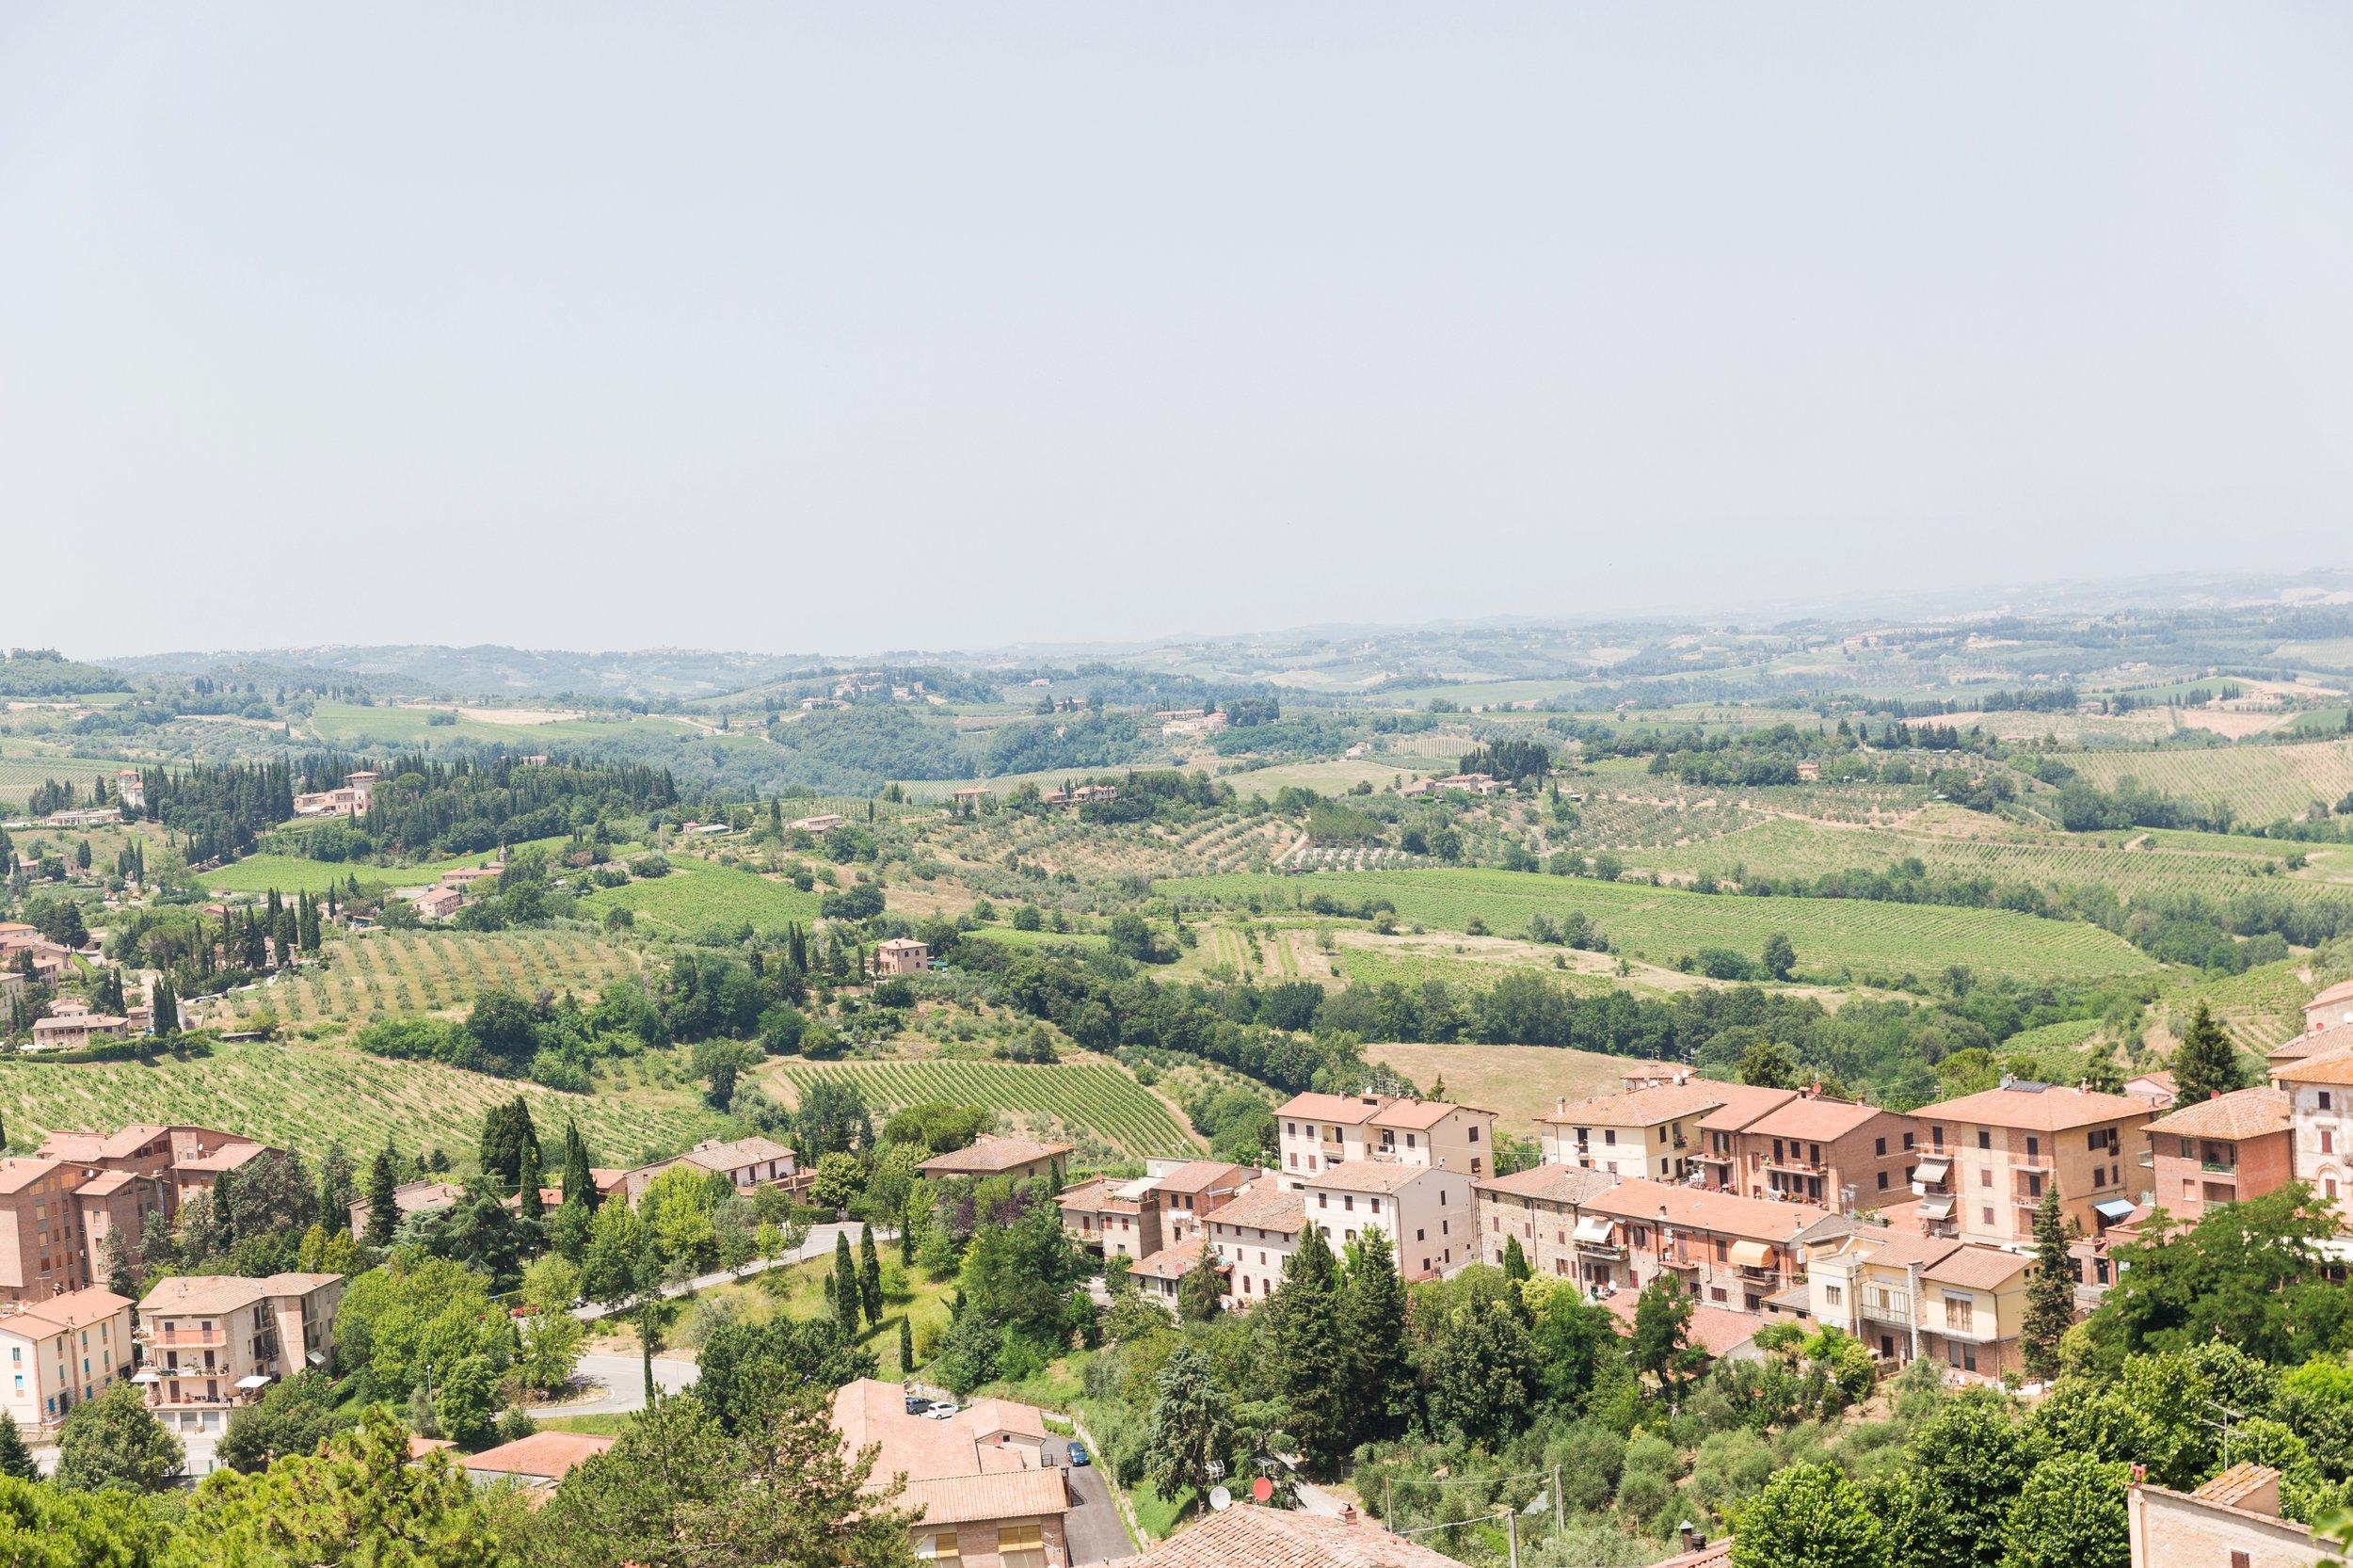 San Gimignano_0020.jpg